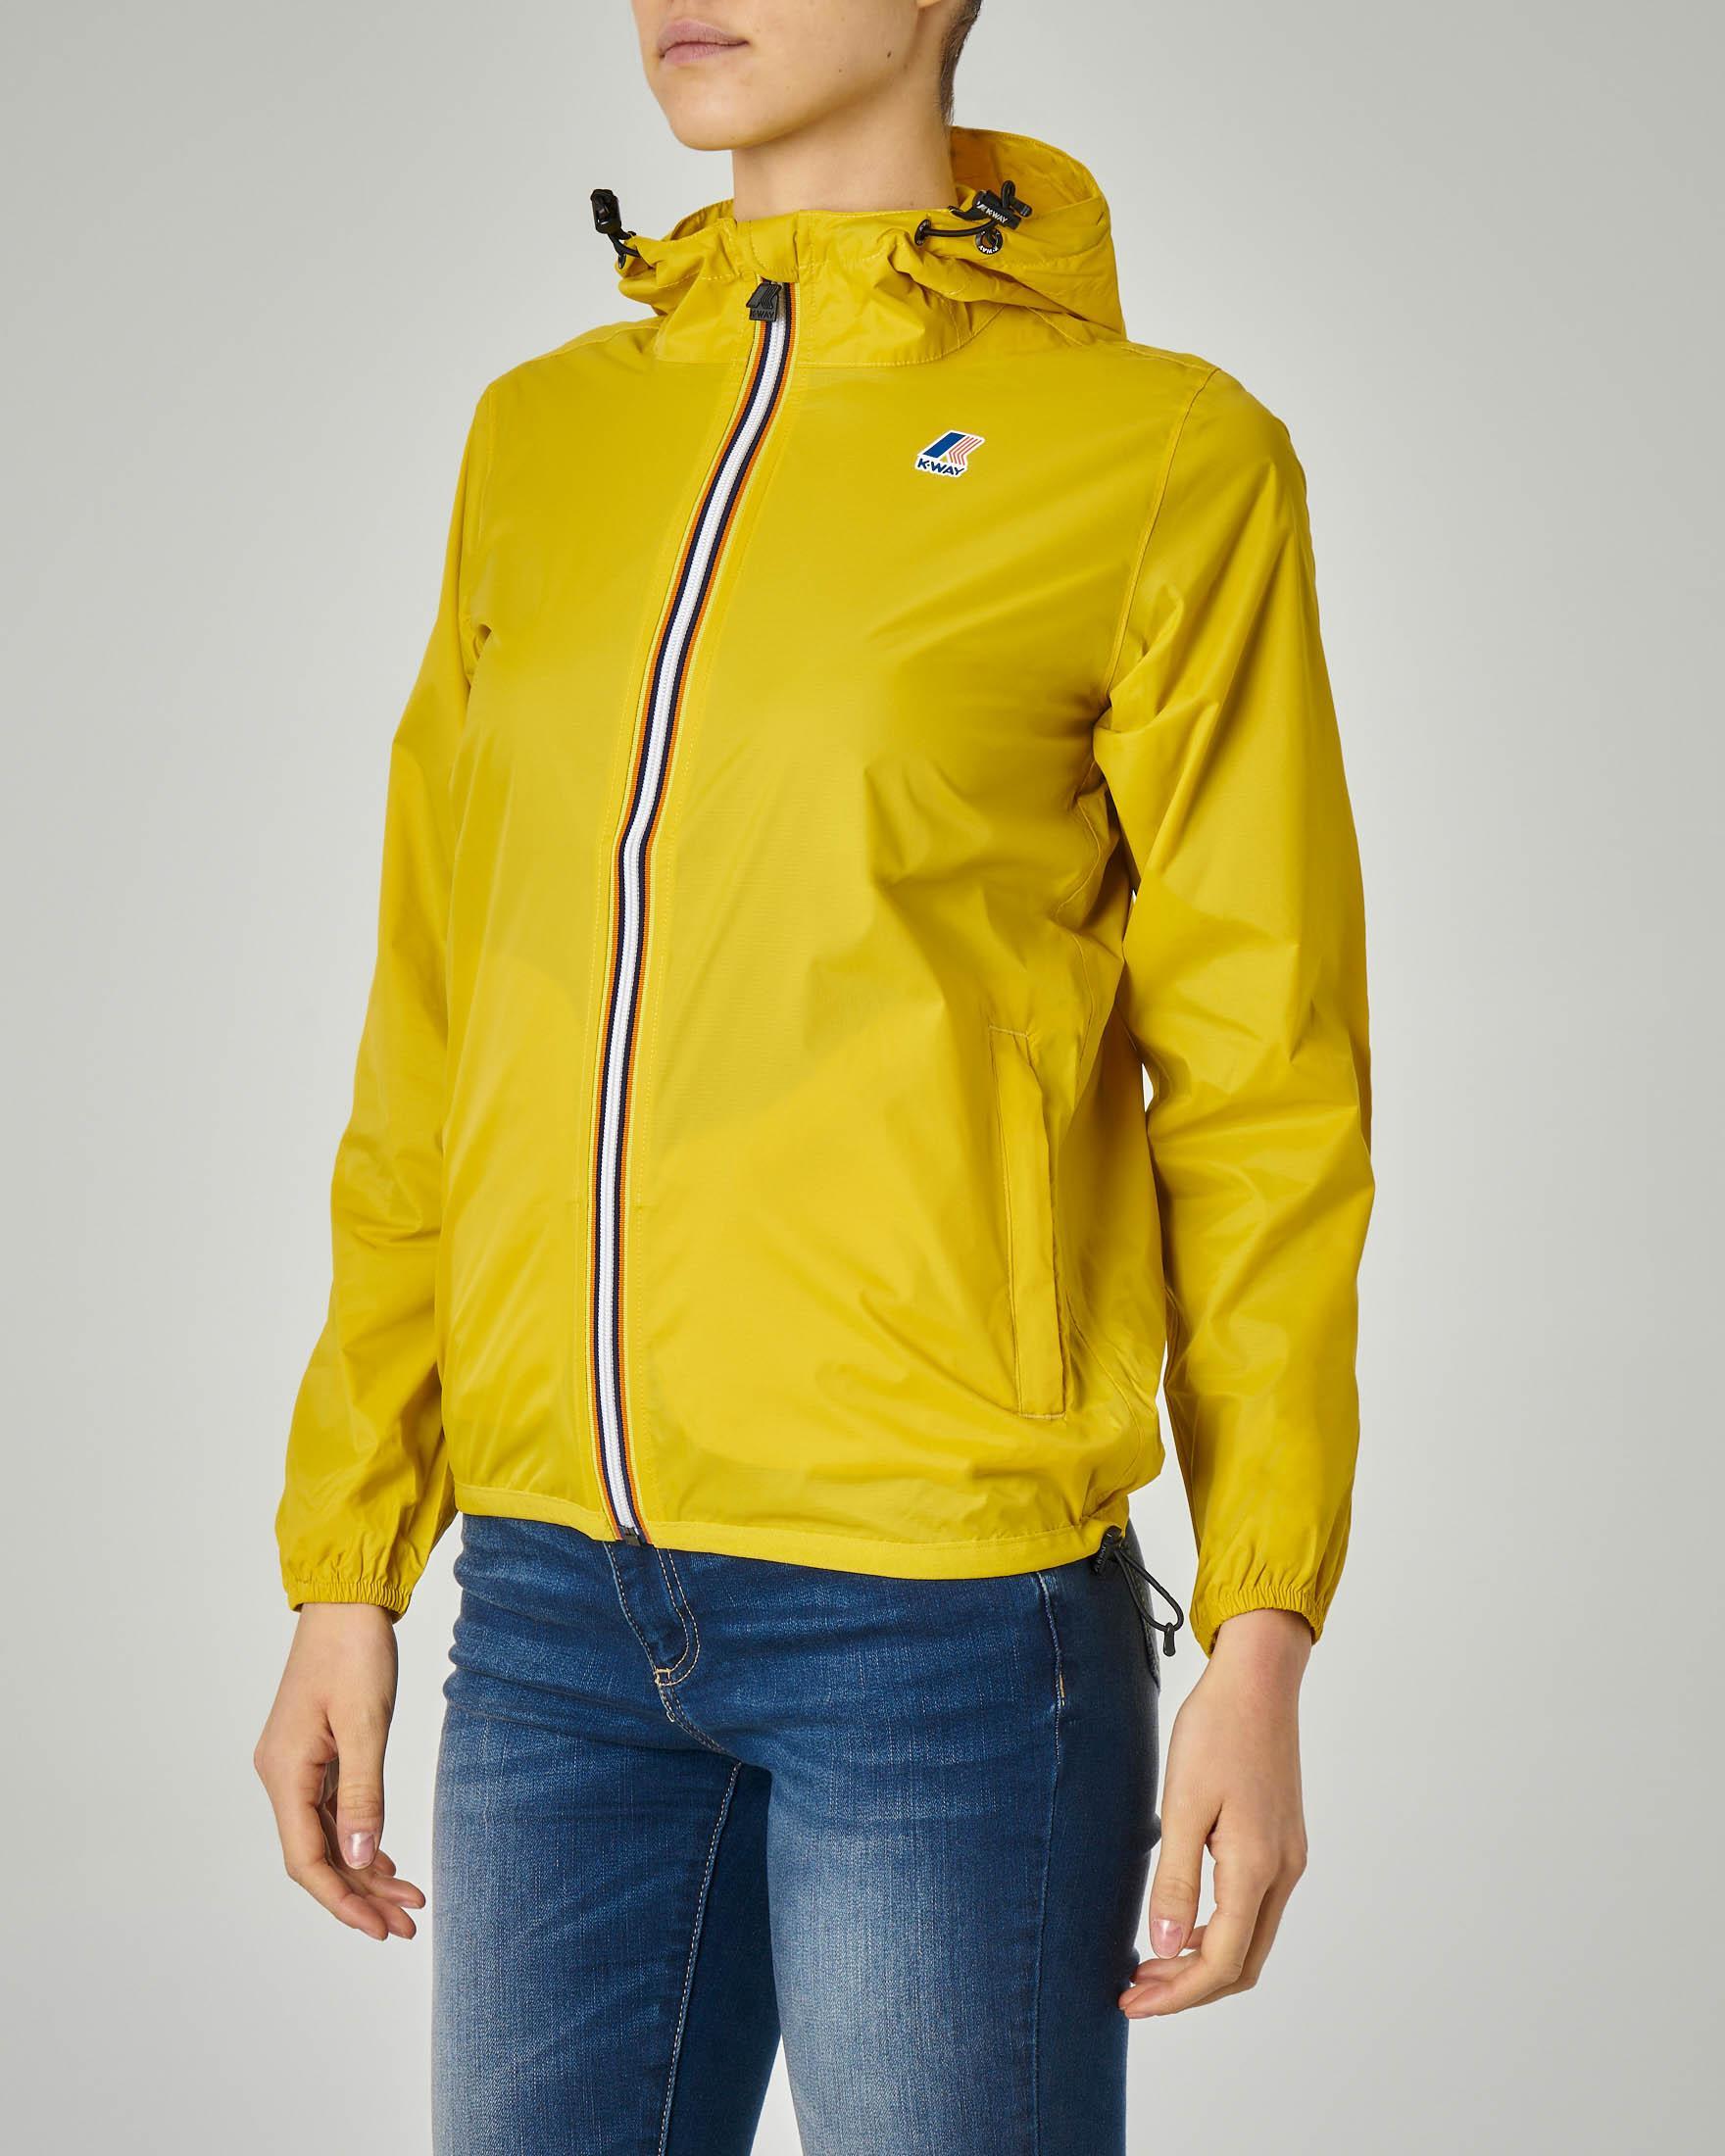 Giubbino impermeabile giallo vestibilità regular con cappuccio